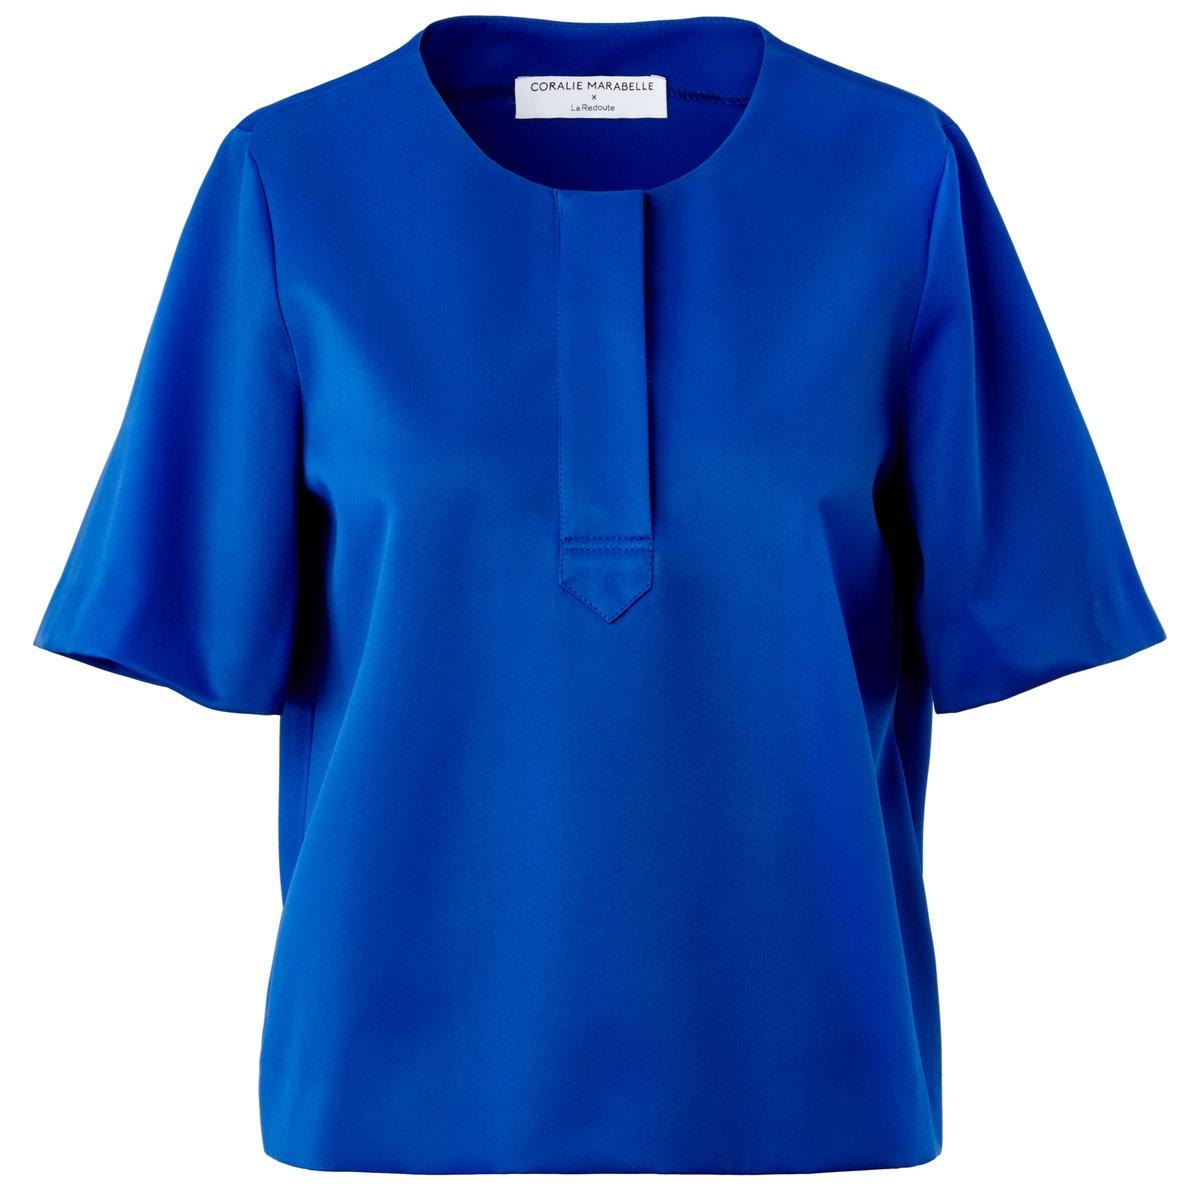 Блузка с короткими рукавамиБлузка из 100% полиэстера. Круглый воротник, планка поло. Короткие рукава. Длина 54 см.<br><br>Цвет: черный<br>Размер: 34 (FR) - 40 (RUS)